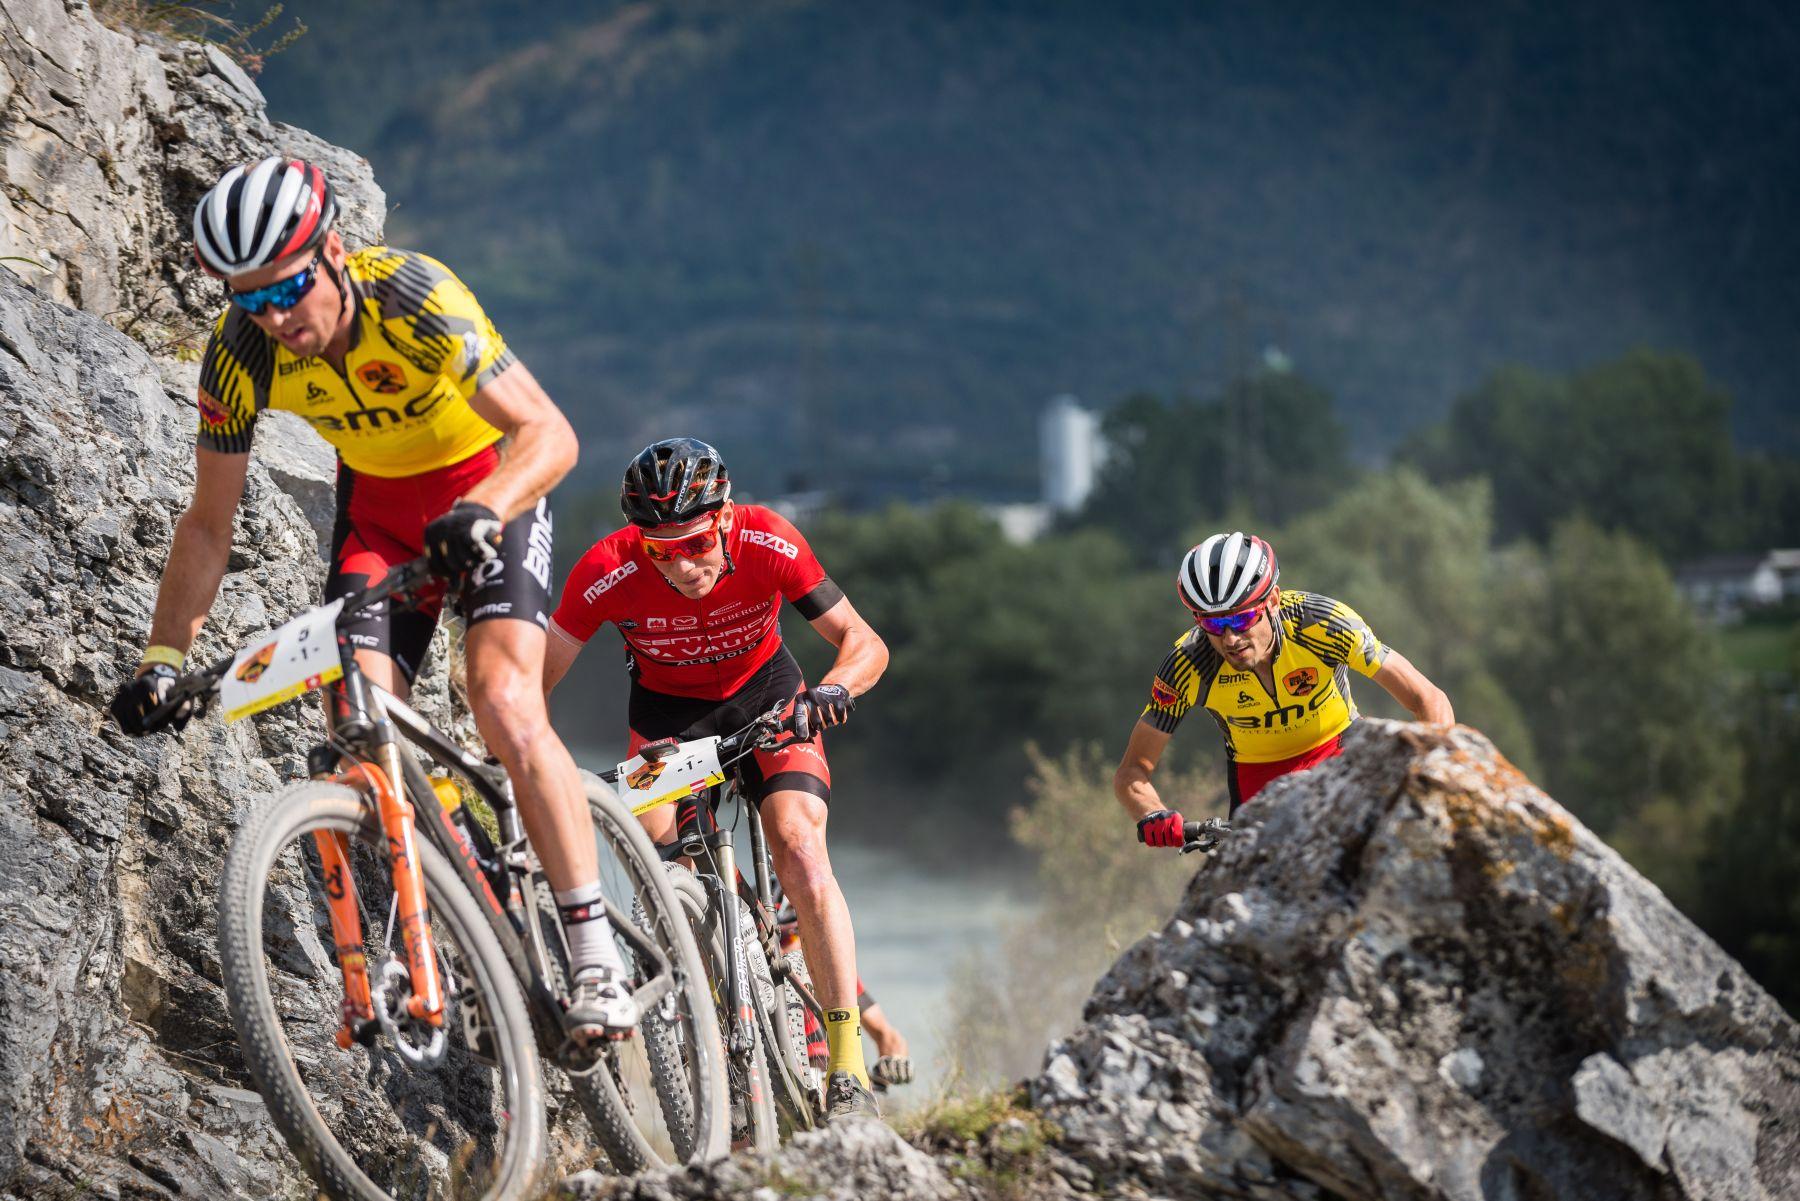 El BMC (líderes) superando al Centurion Vaude (2o de la general).